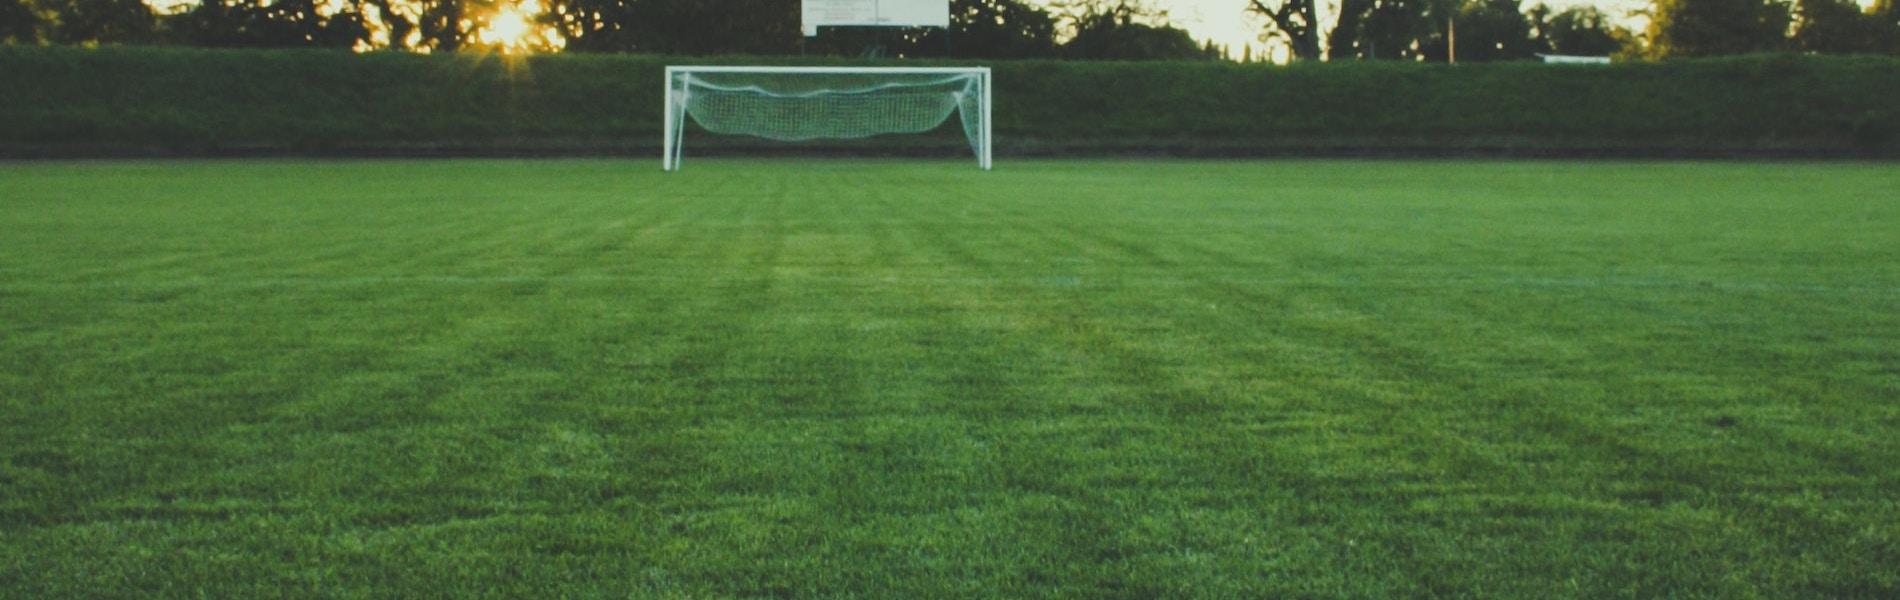 footbull®︎ Football Videos 365